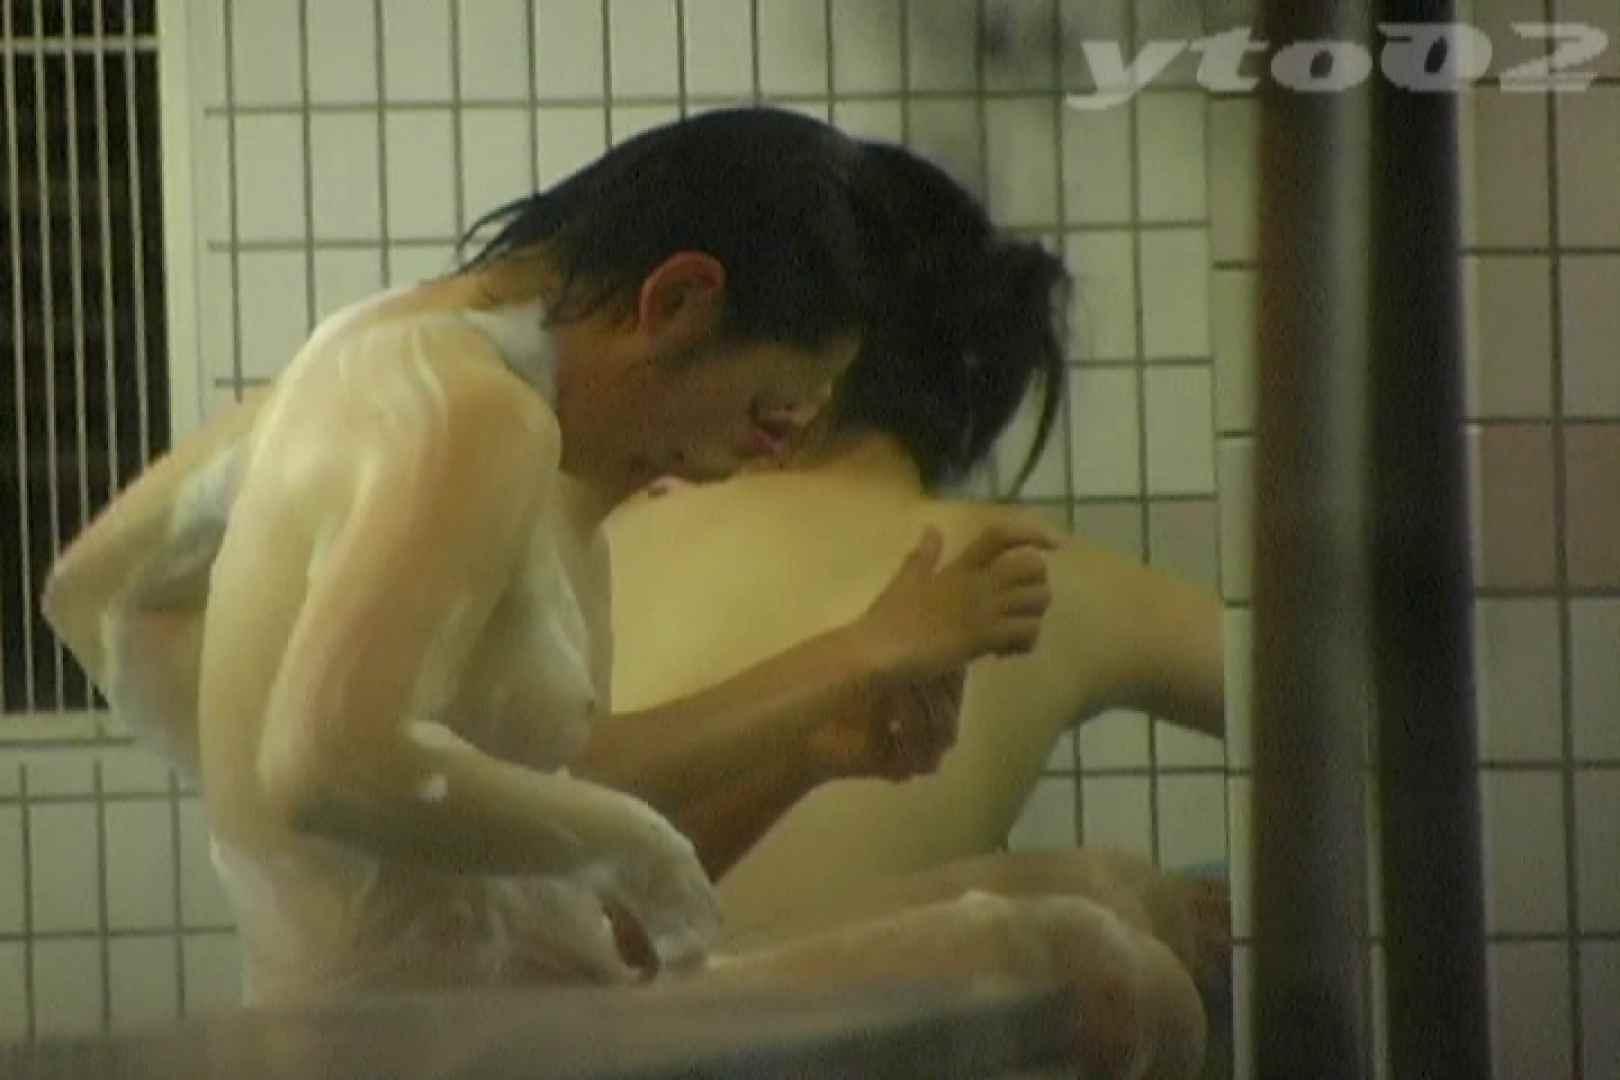 ▲復活限定▲合宿ホテル女風呂盗撮 Vol.11 女風呂 エロ画像 110枚 22